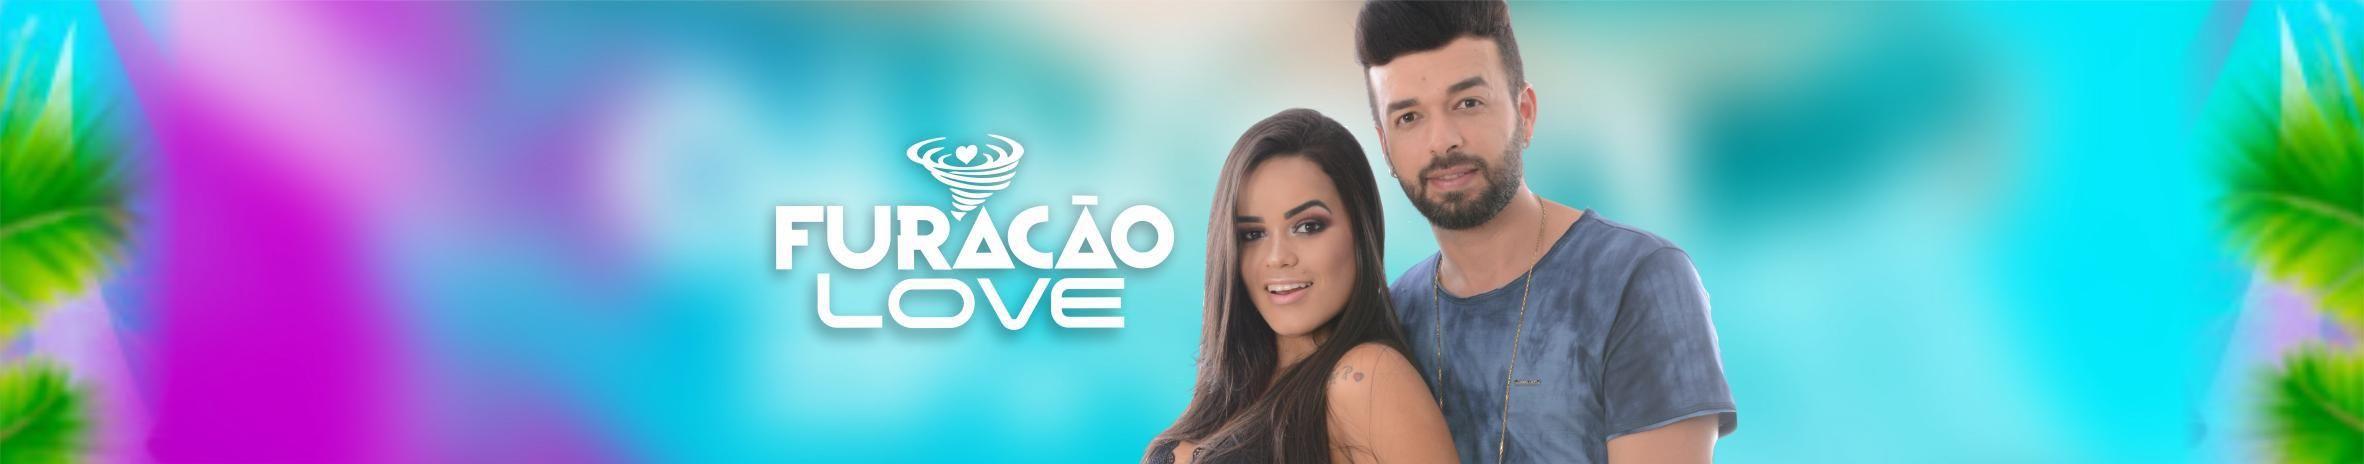 Imagem de capa de Furacão Love